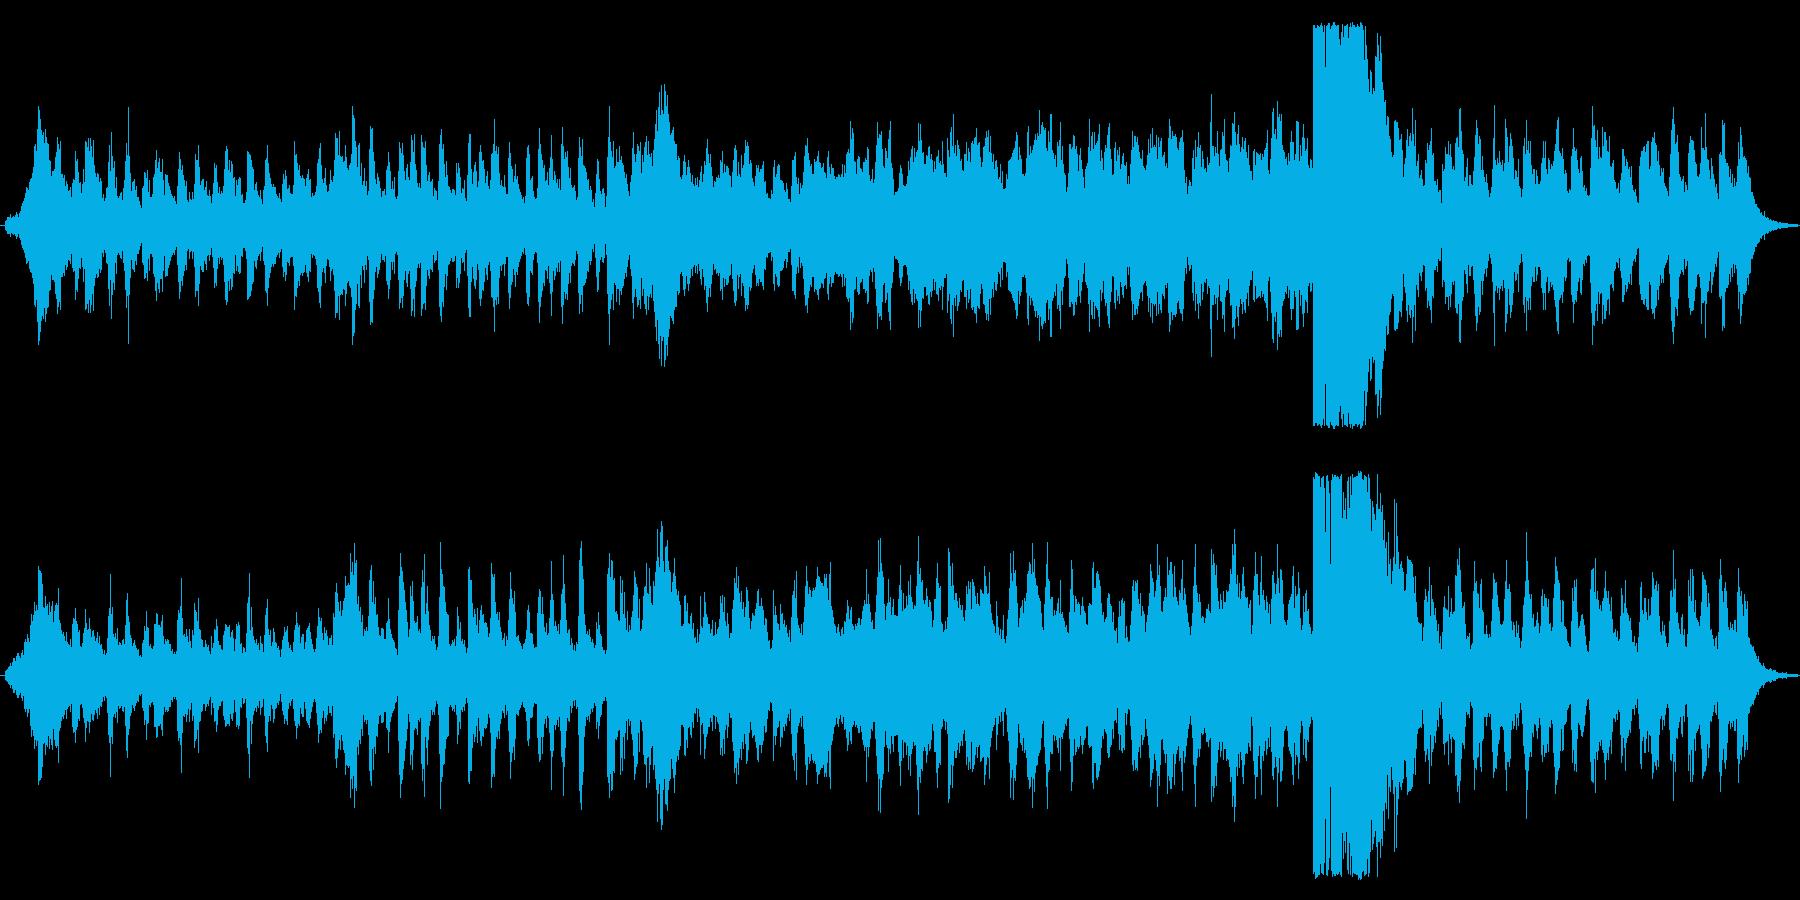 追跡シーンのスビート感と緊張さを表現し…の再生済みの波形